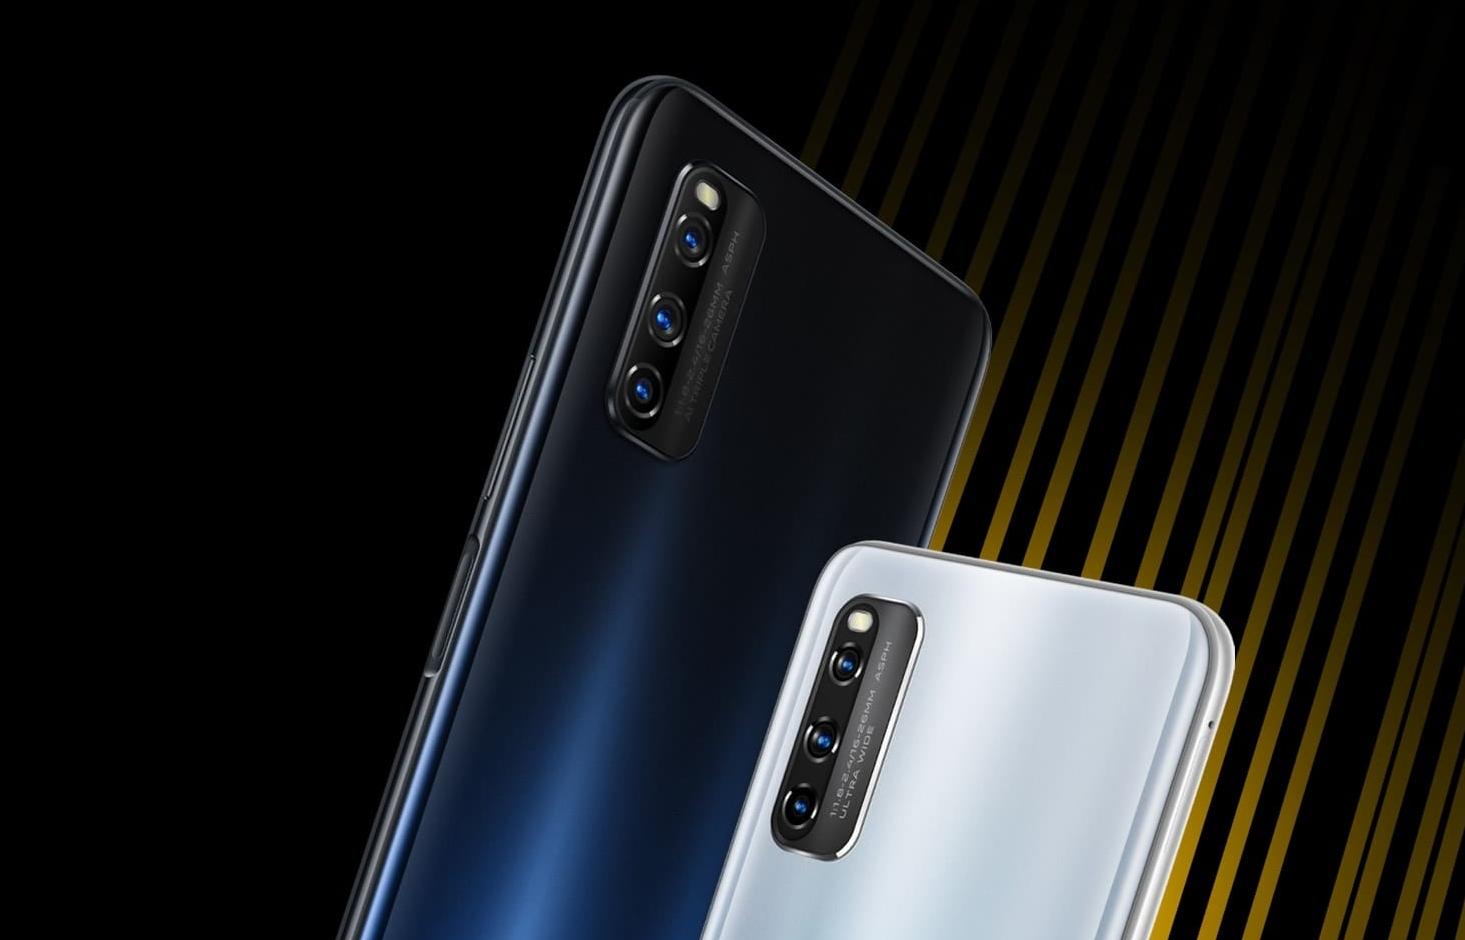 2020年哪些手机值得入手,这七款优点明显,给你真实评价